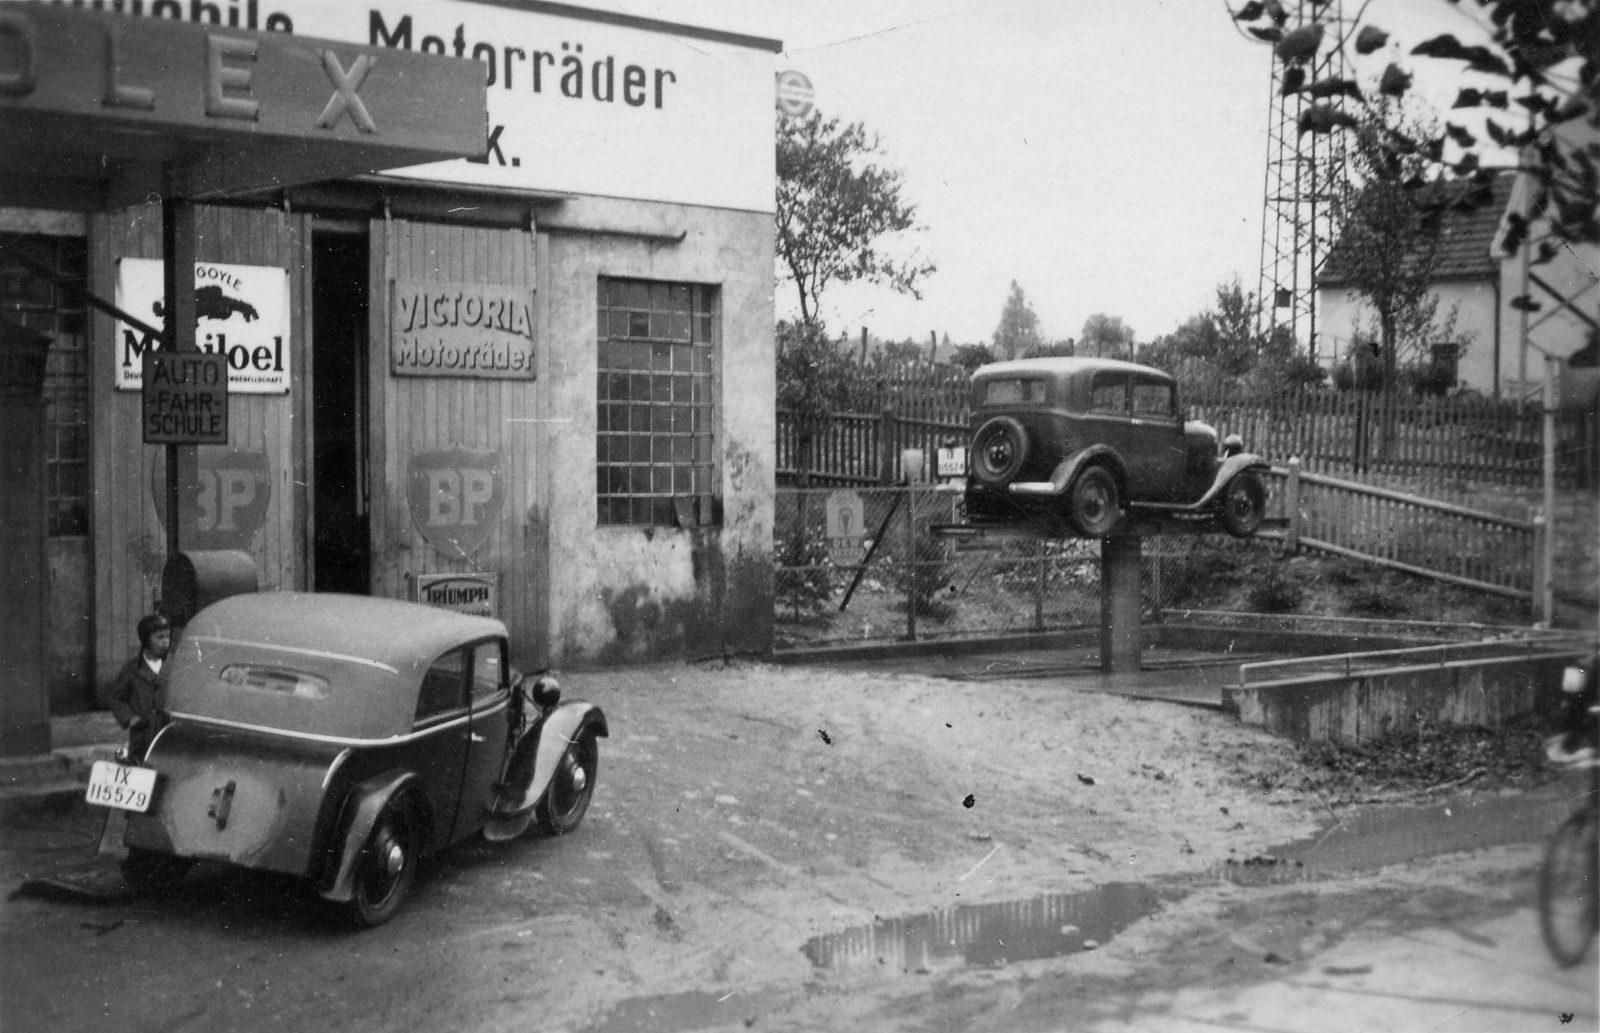 Briloner Straße 1948 Sobizack1